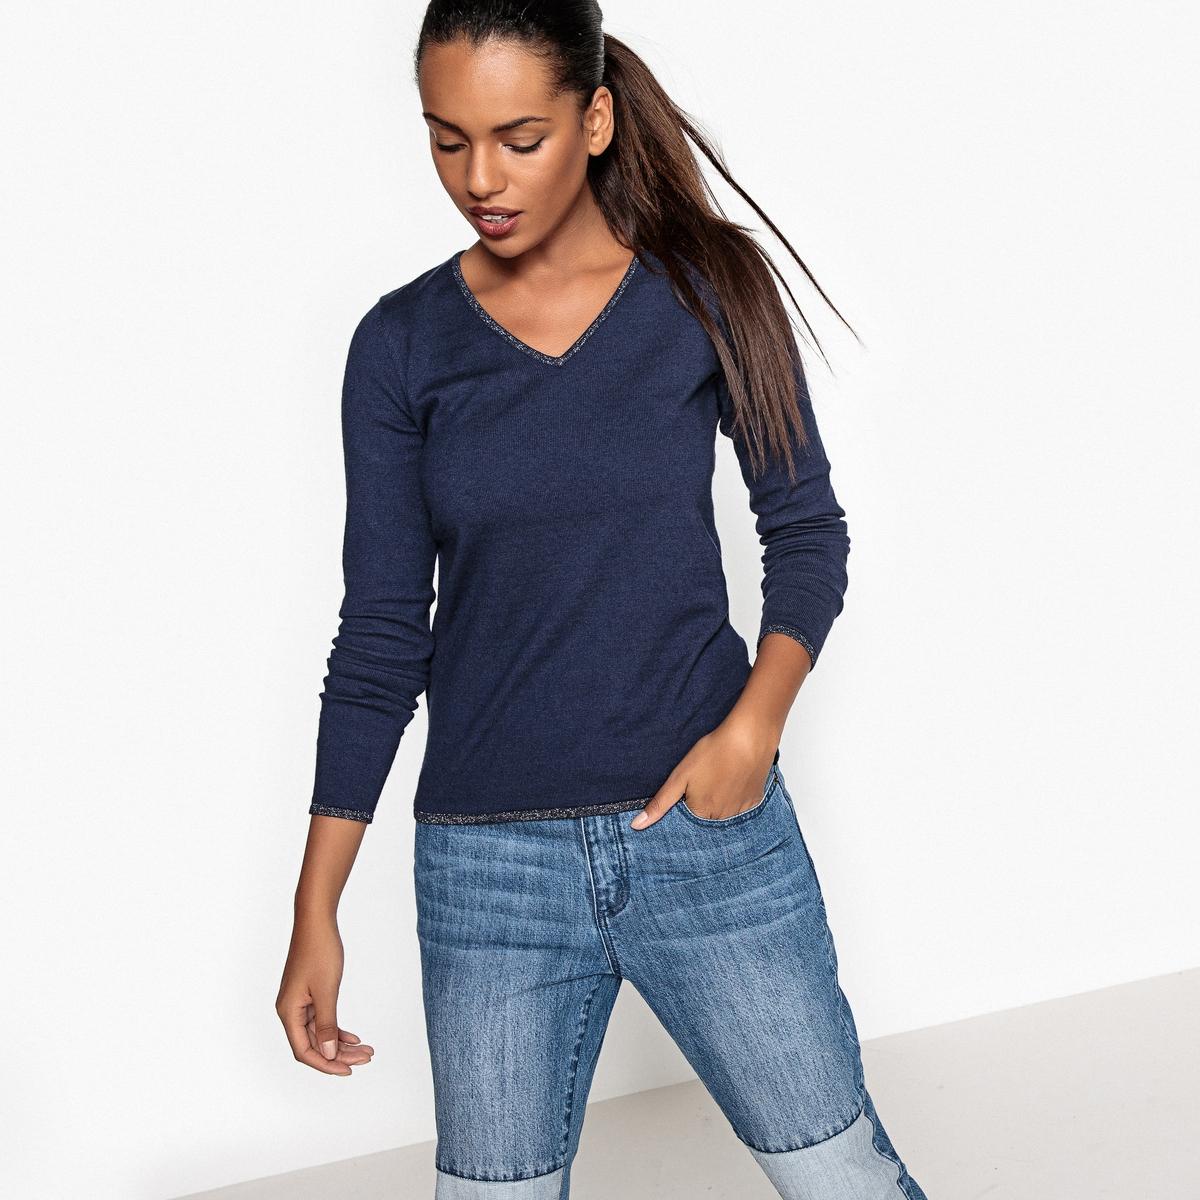 Пуловер из тонкого трикотажа с V-образным вырезомДетали •  Длинные рукава •   V-образный вырез •  Тонкий трикотаж Состав и уход •  5% кашемира, 94% хлопка, 1% других волокон •  Следуйте советам по уходу, указанным на этикетке<br><br>Цвет: бежевый,розовый,темно-синий<br>Размер: L.S